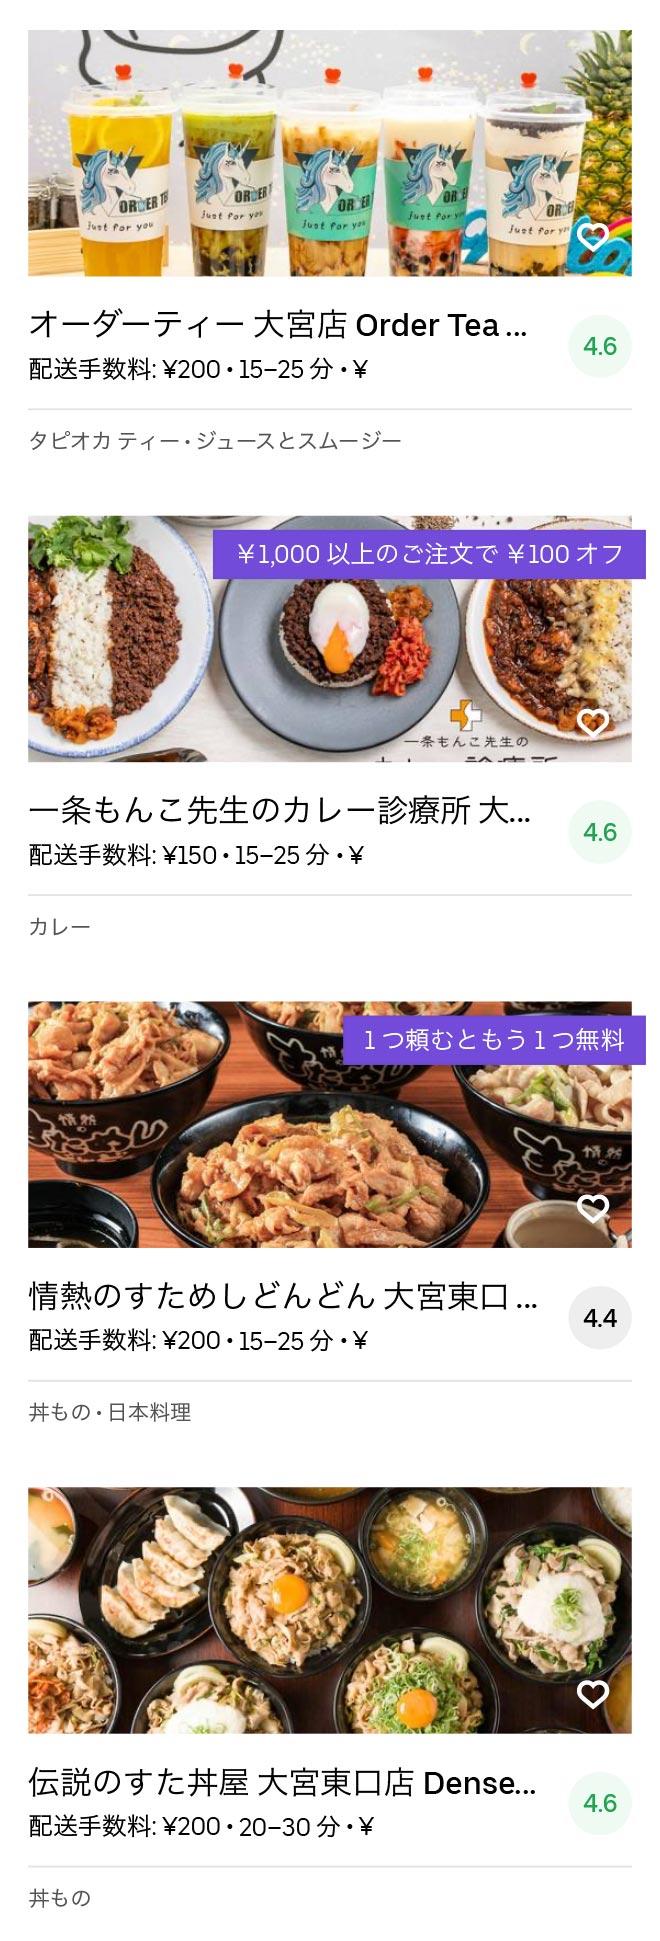 Saitama oomiya menu 2006 09